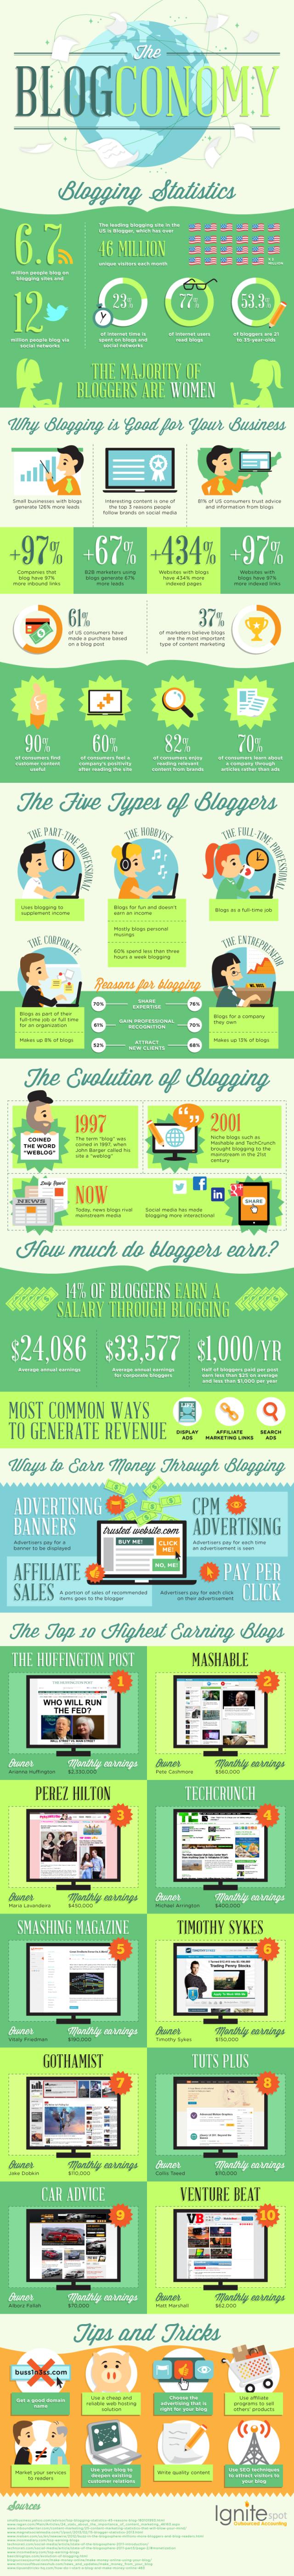 The blog Economy